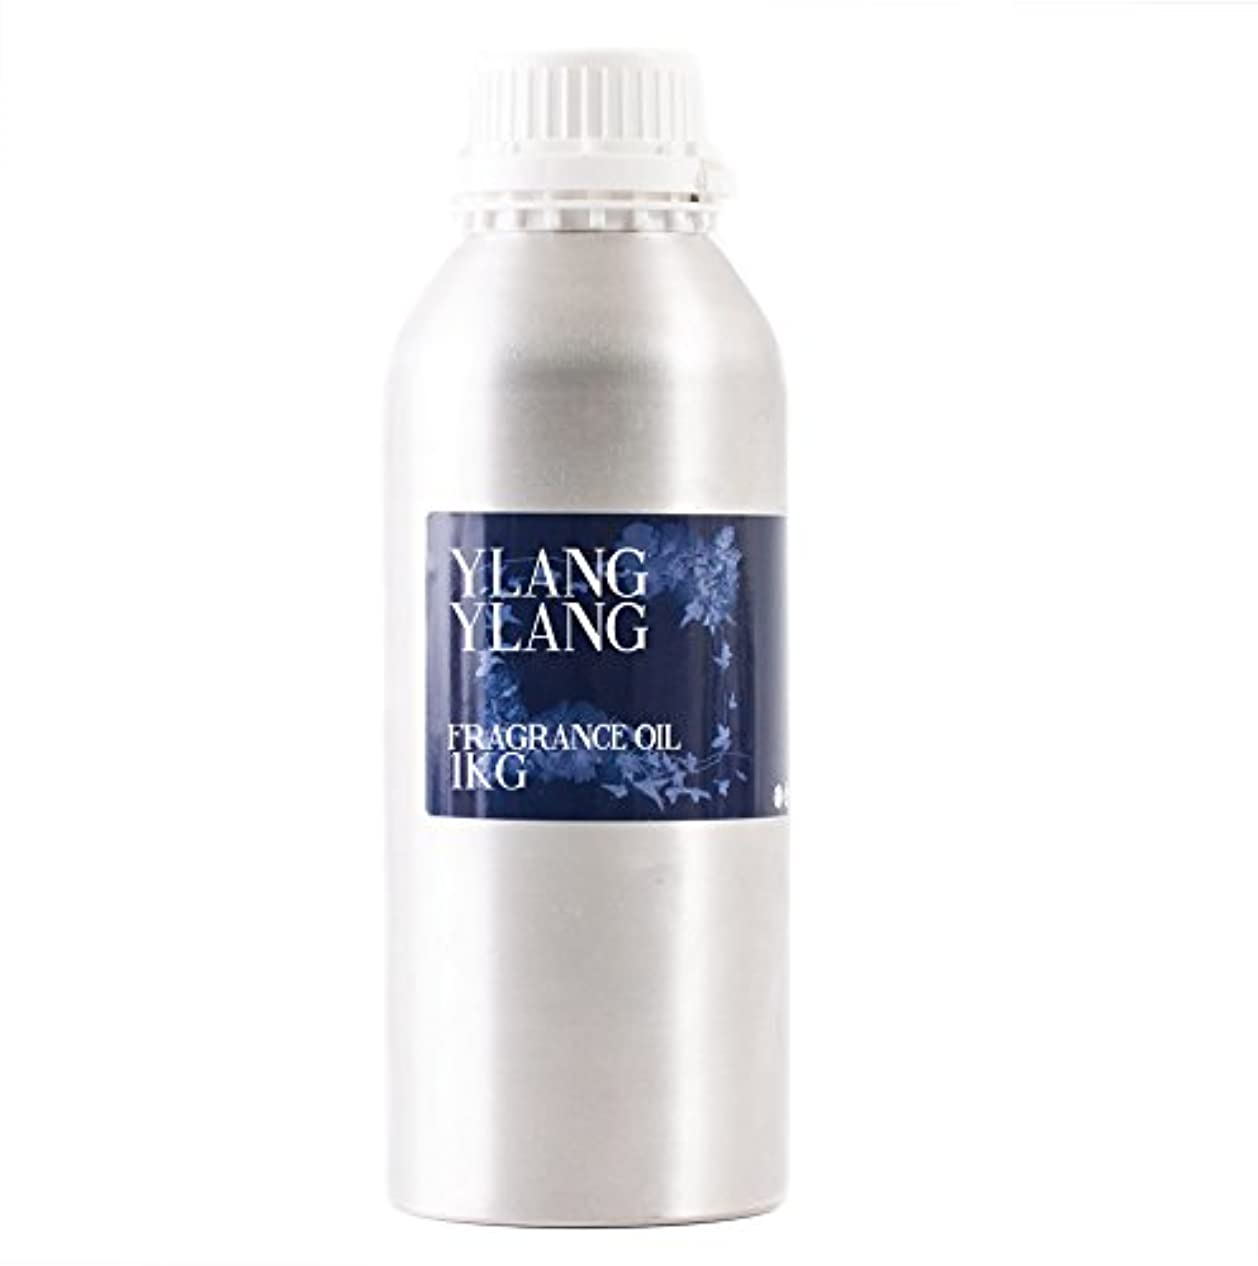 高潔なティームきしむMystic Moments | Ylang Ylang Fragrance Oil - 1Kg